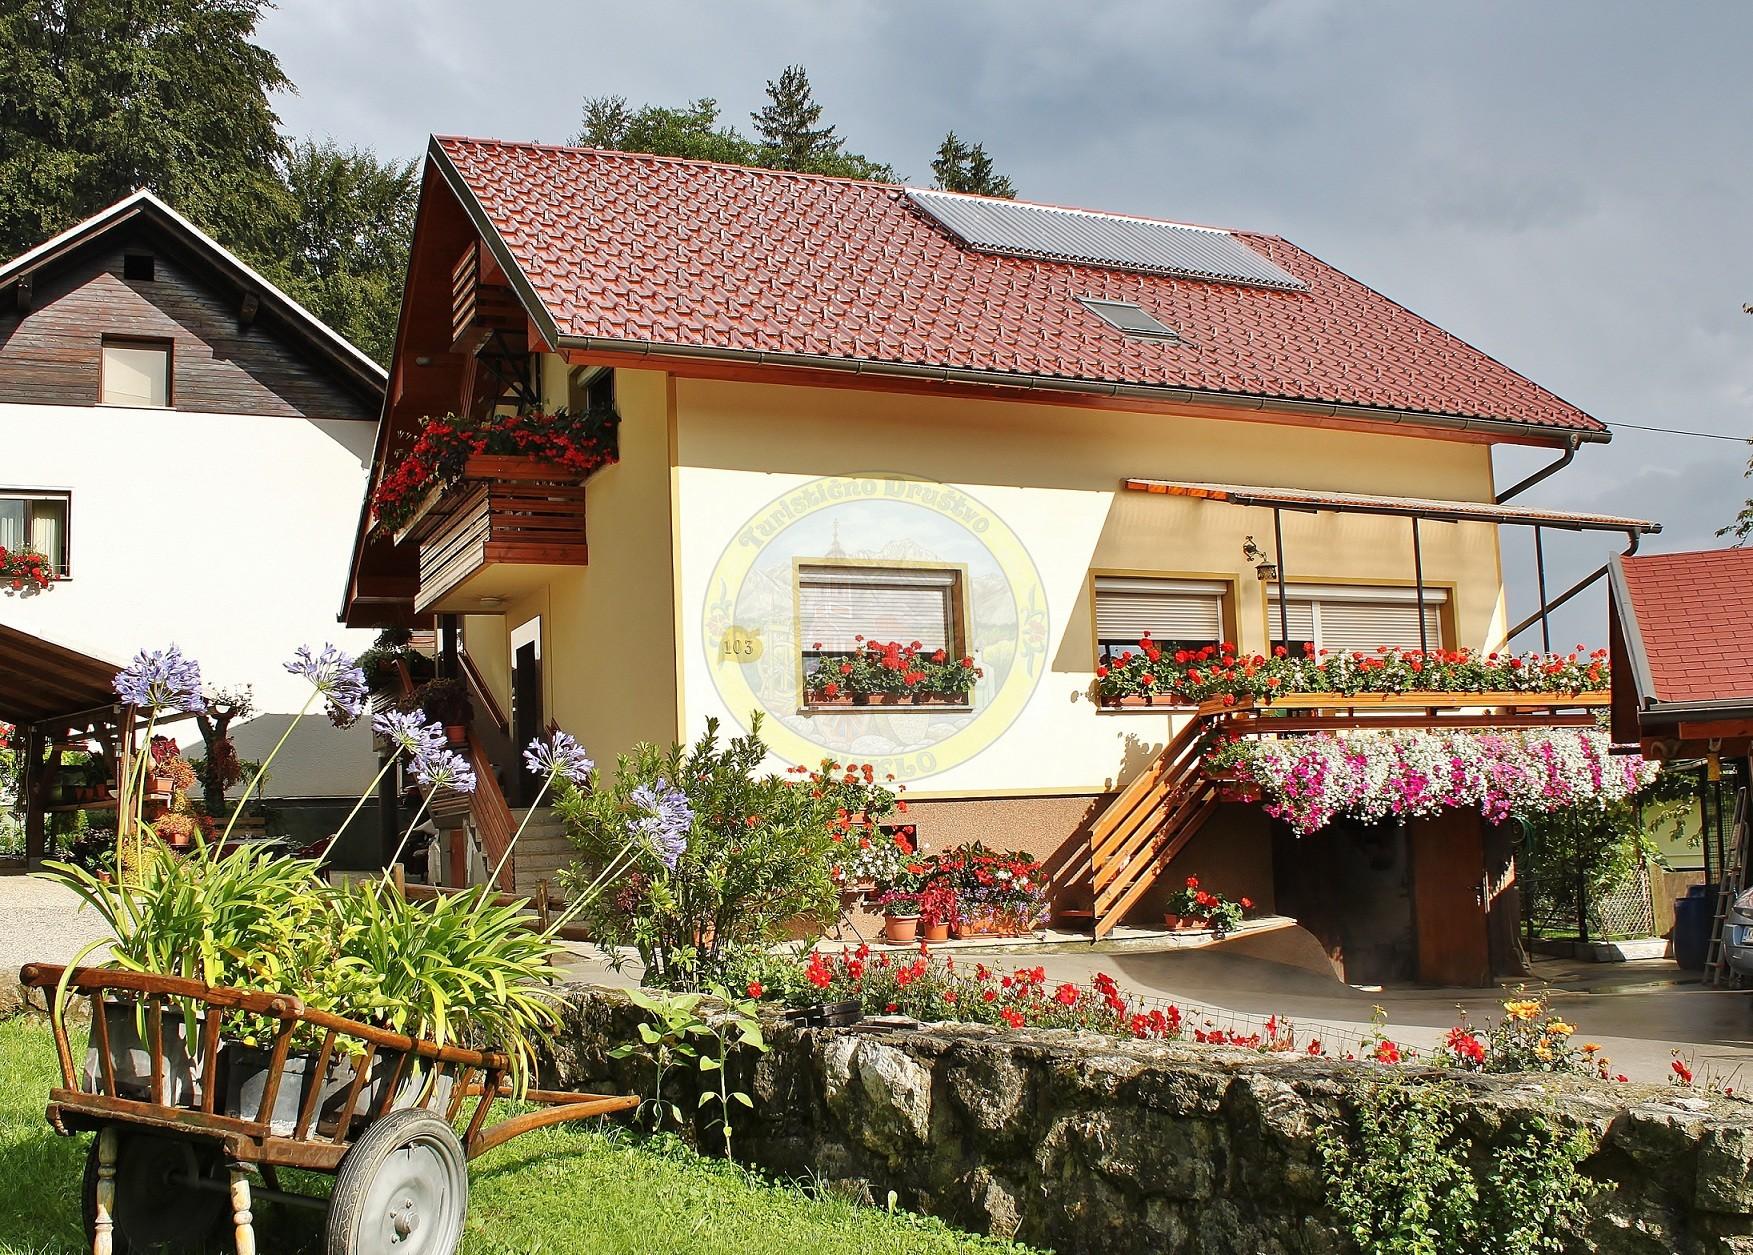 Žižkovi iz Strahinja cenijo lepo in urejeno hišo. Balkoni, okenske police in gredice ob hiši so polni rož. V vrt so postavili kimpež, ki ne lepša le okolice njihove hiše, pač pa tudi bližnje partizansko grobišče.